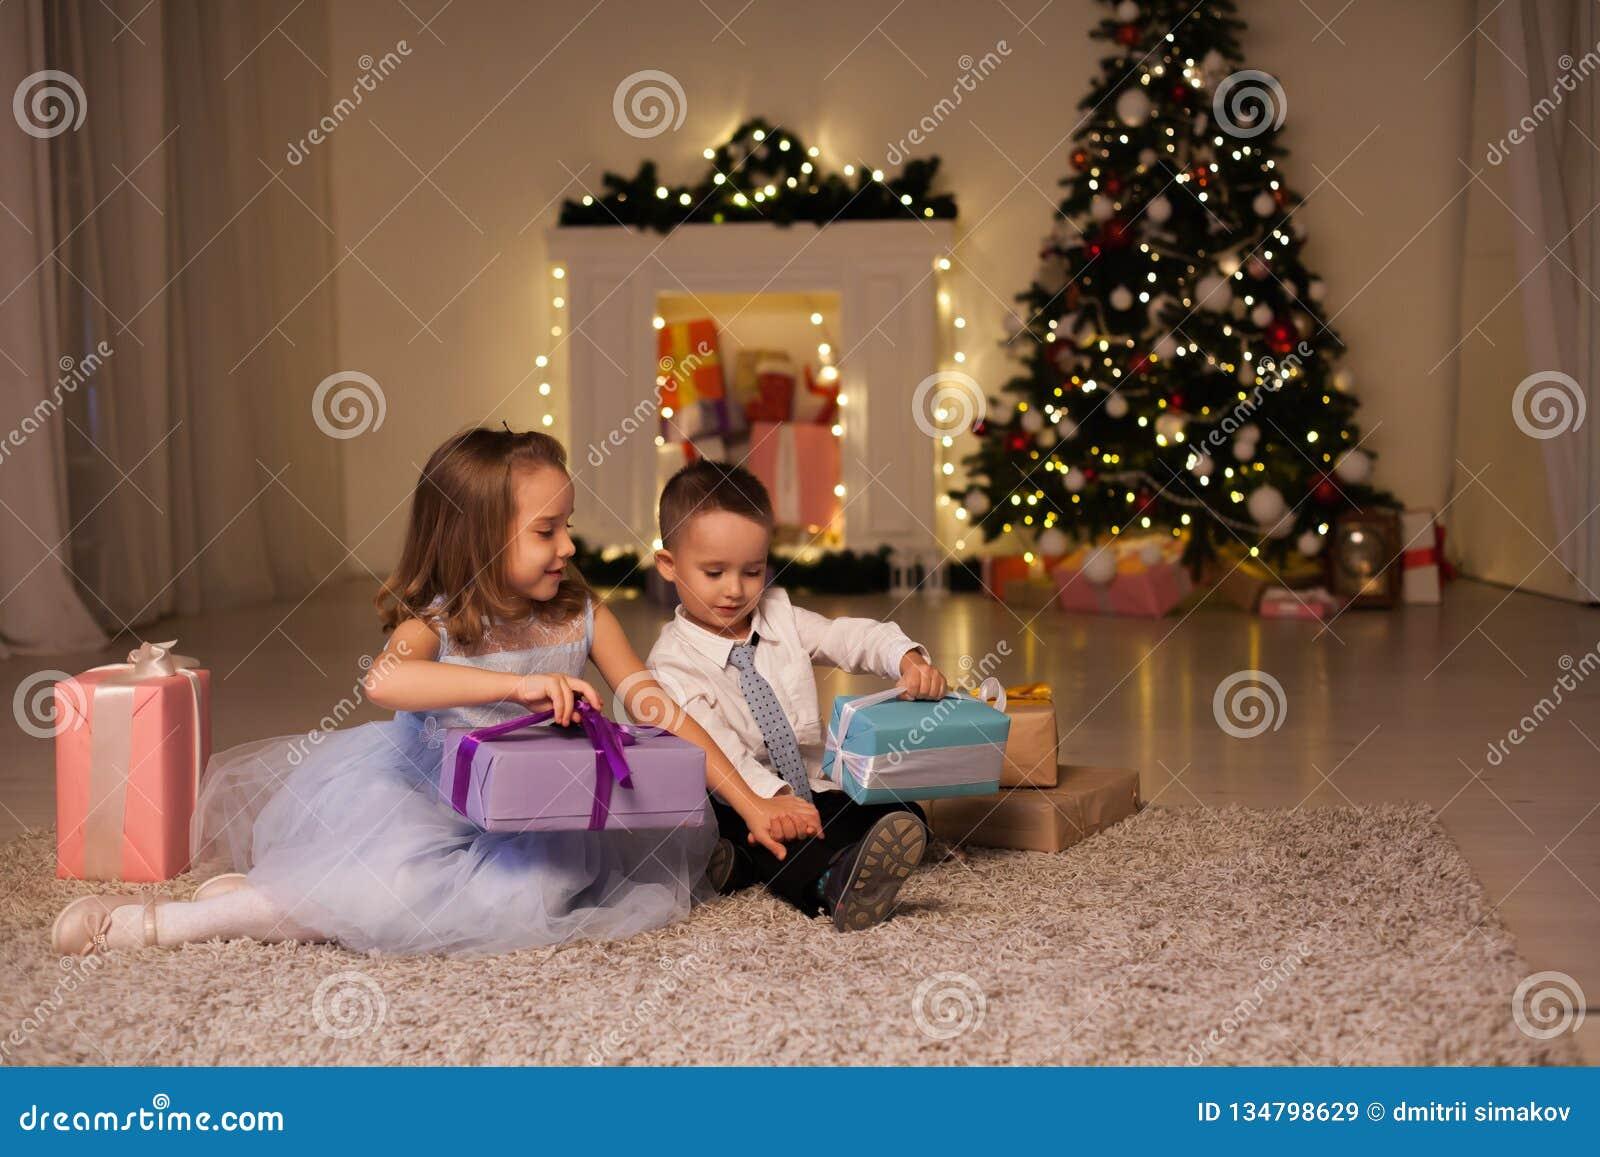 Η οικογένεια αγοριών και κοριτσιών ανοίγει τις νέες γιρλάντες χριστουγεννιάτικων δέντρων φω των διακοπών έτους δώρων Χριστουγέννω